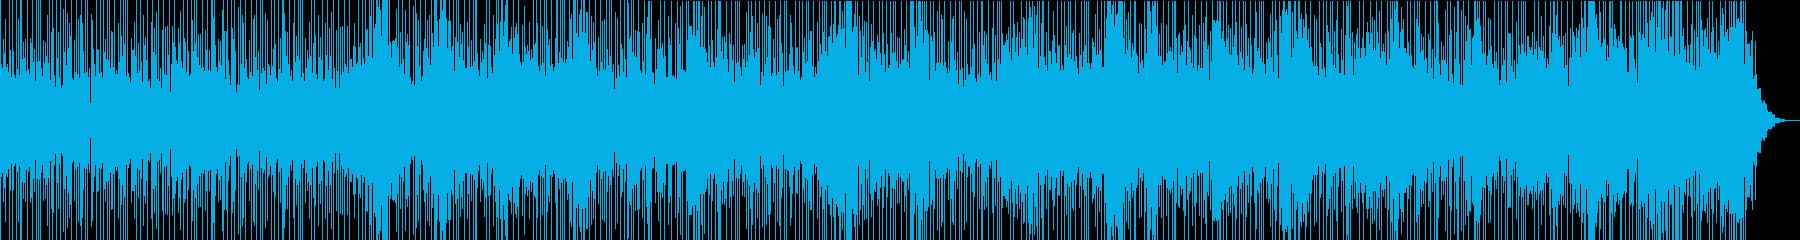 怪しげな雰囲気のミステリアスな楽曲の再生済みの波形